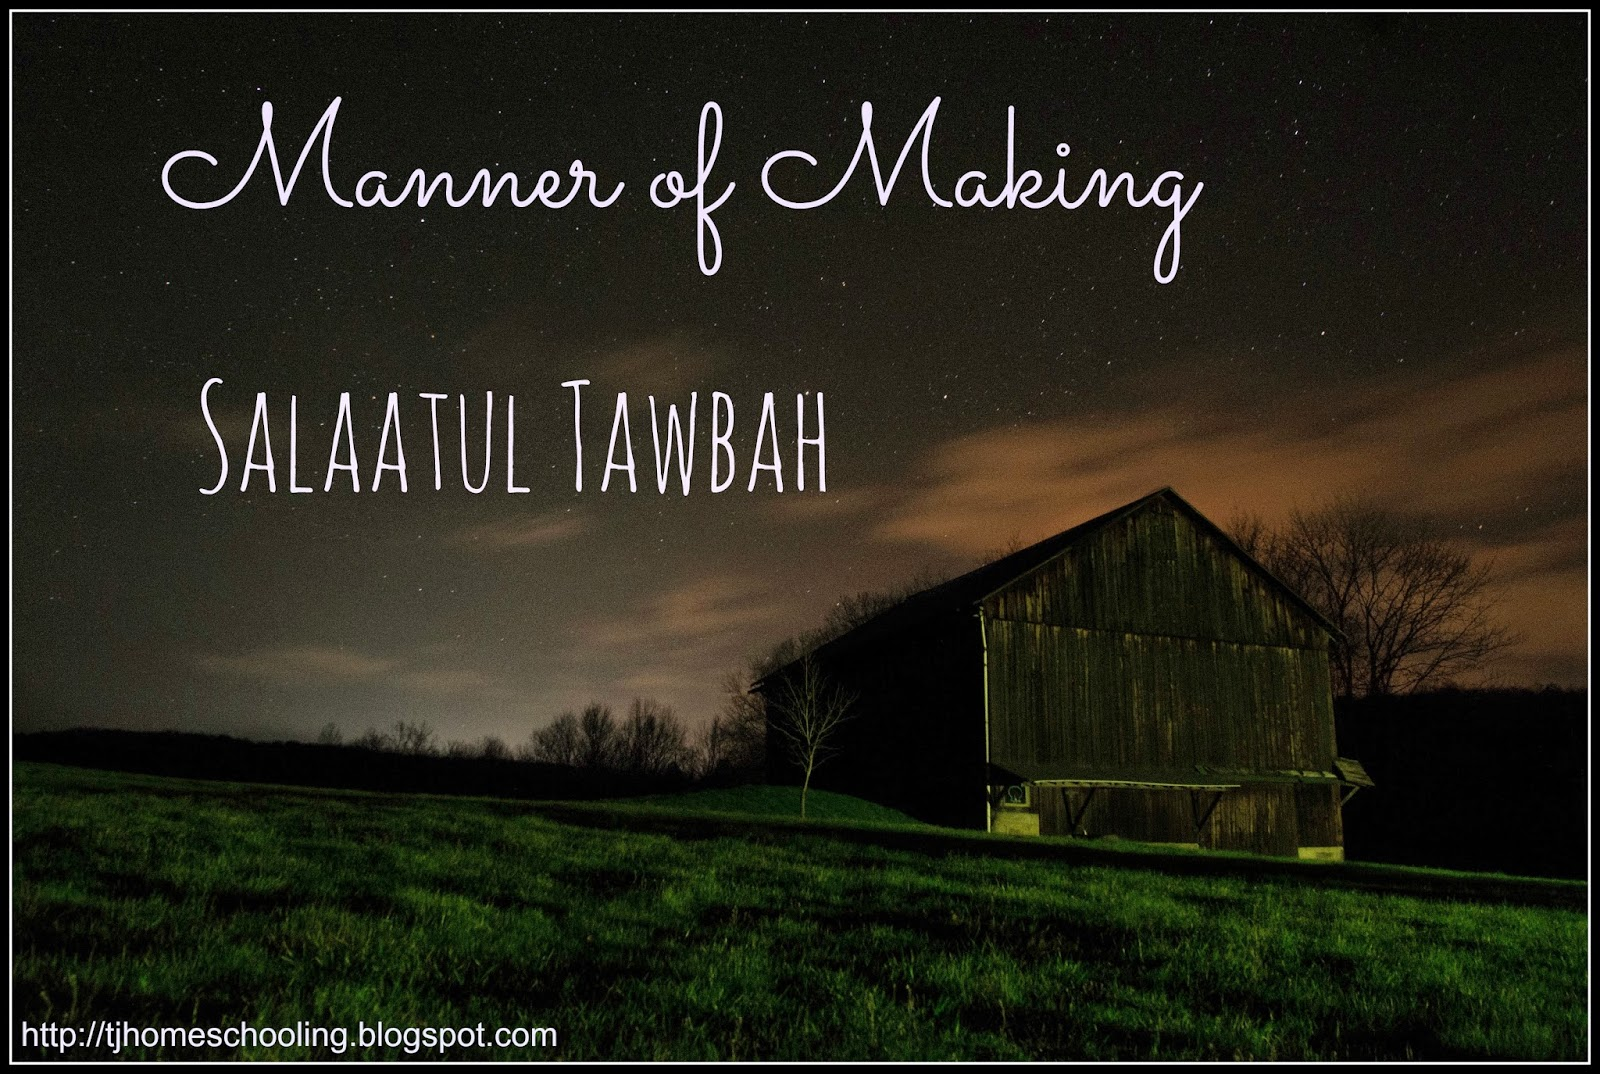 Manner of Making Salaatul Tawbah